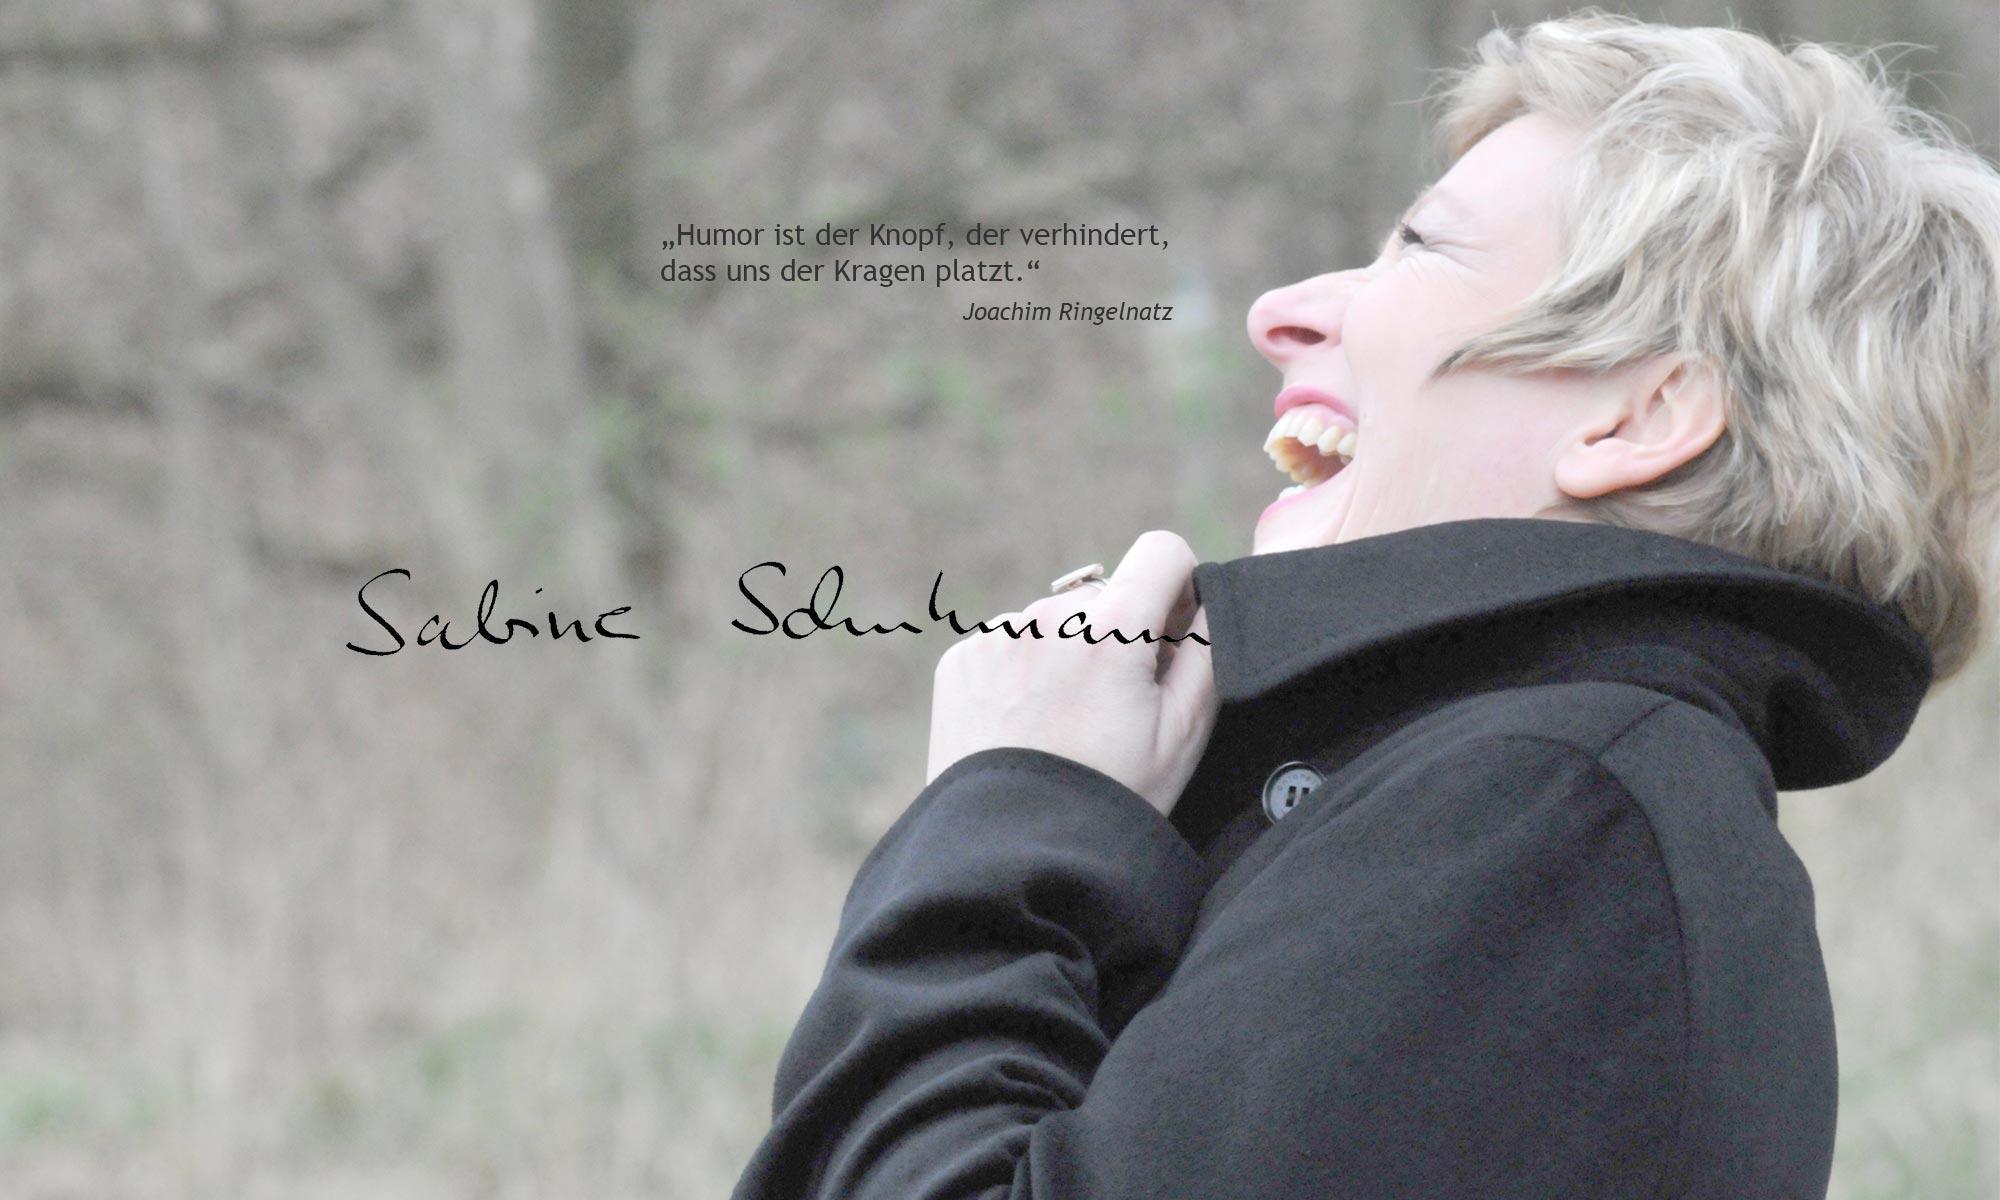 Sabine Schuhmann